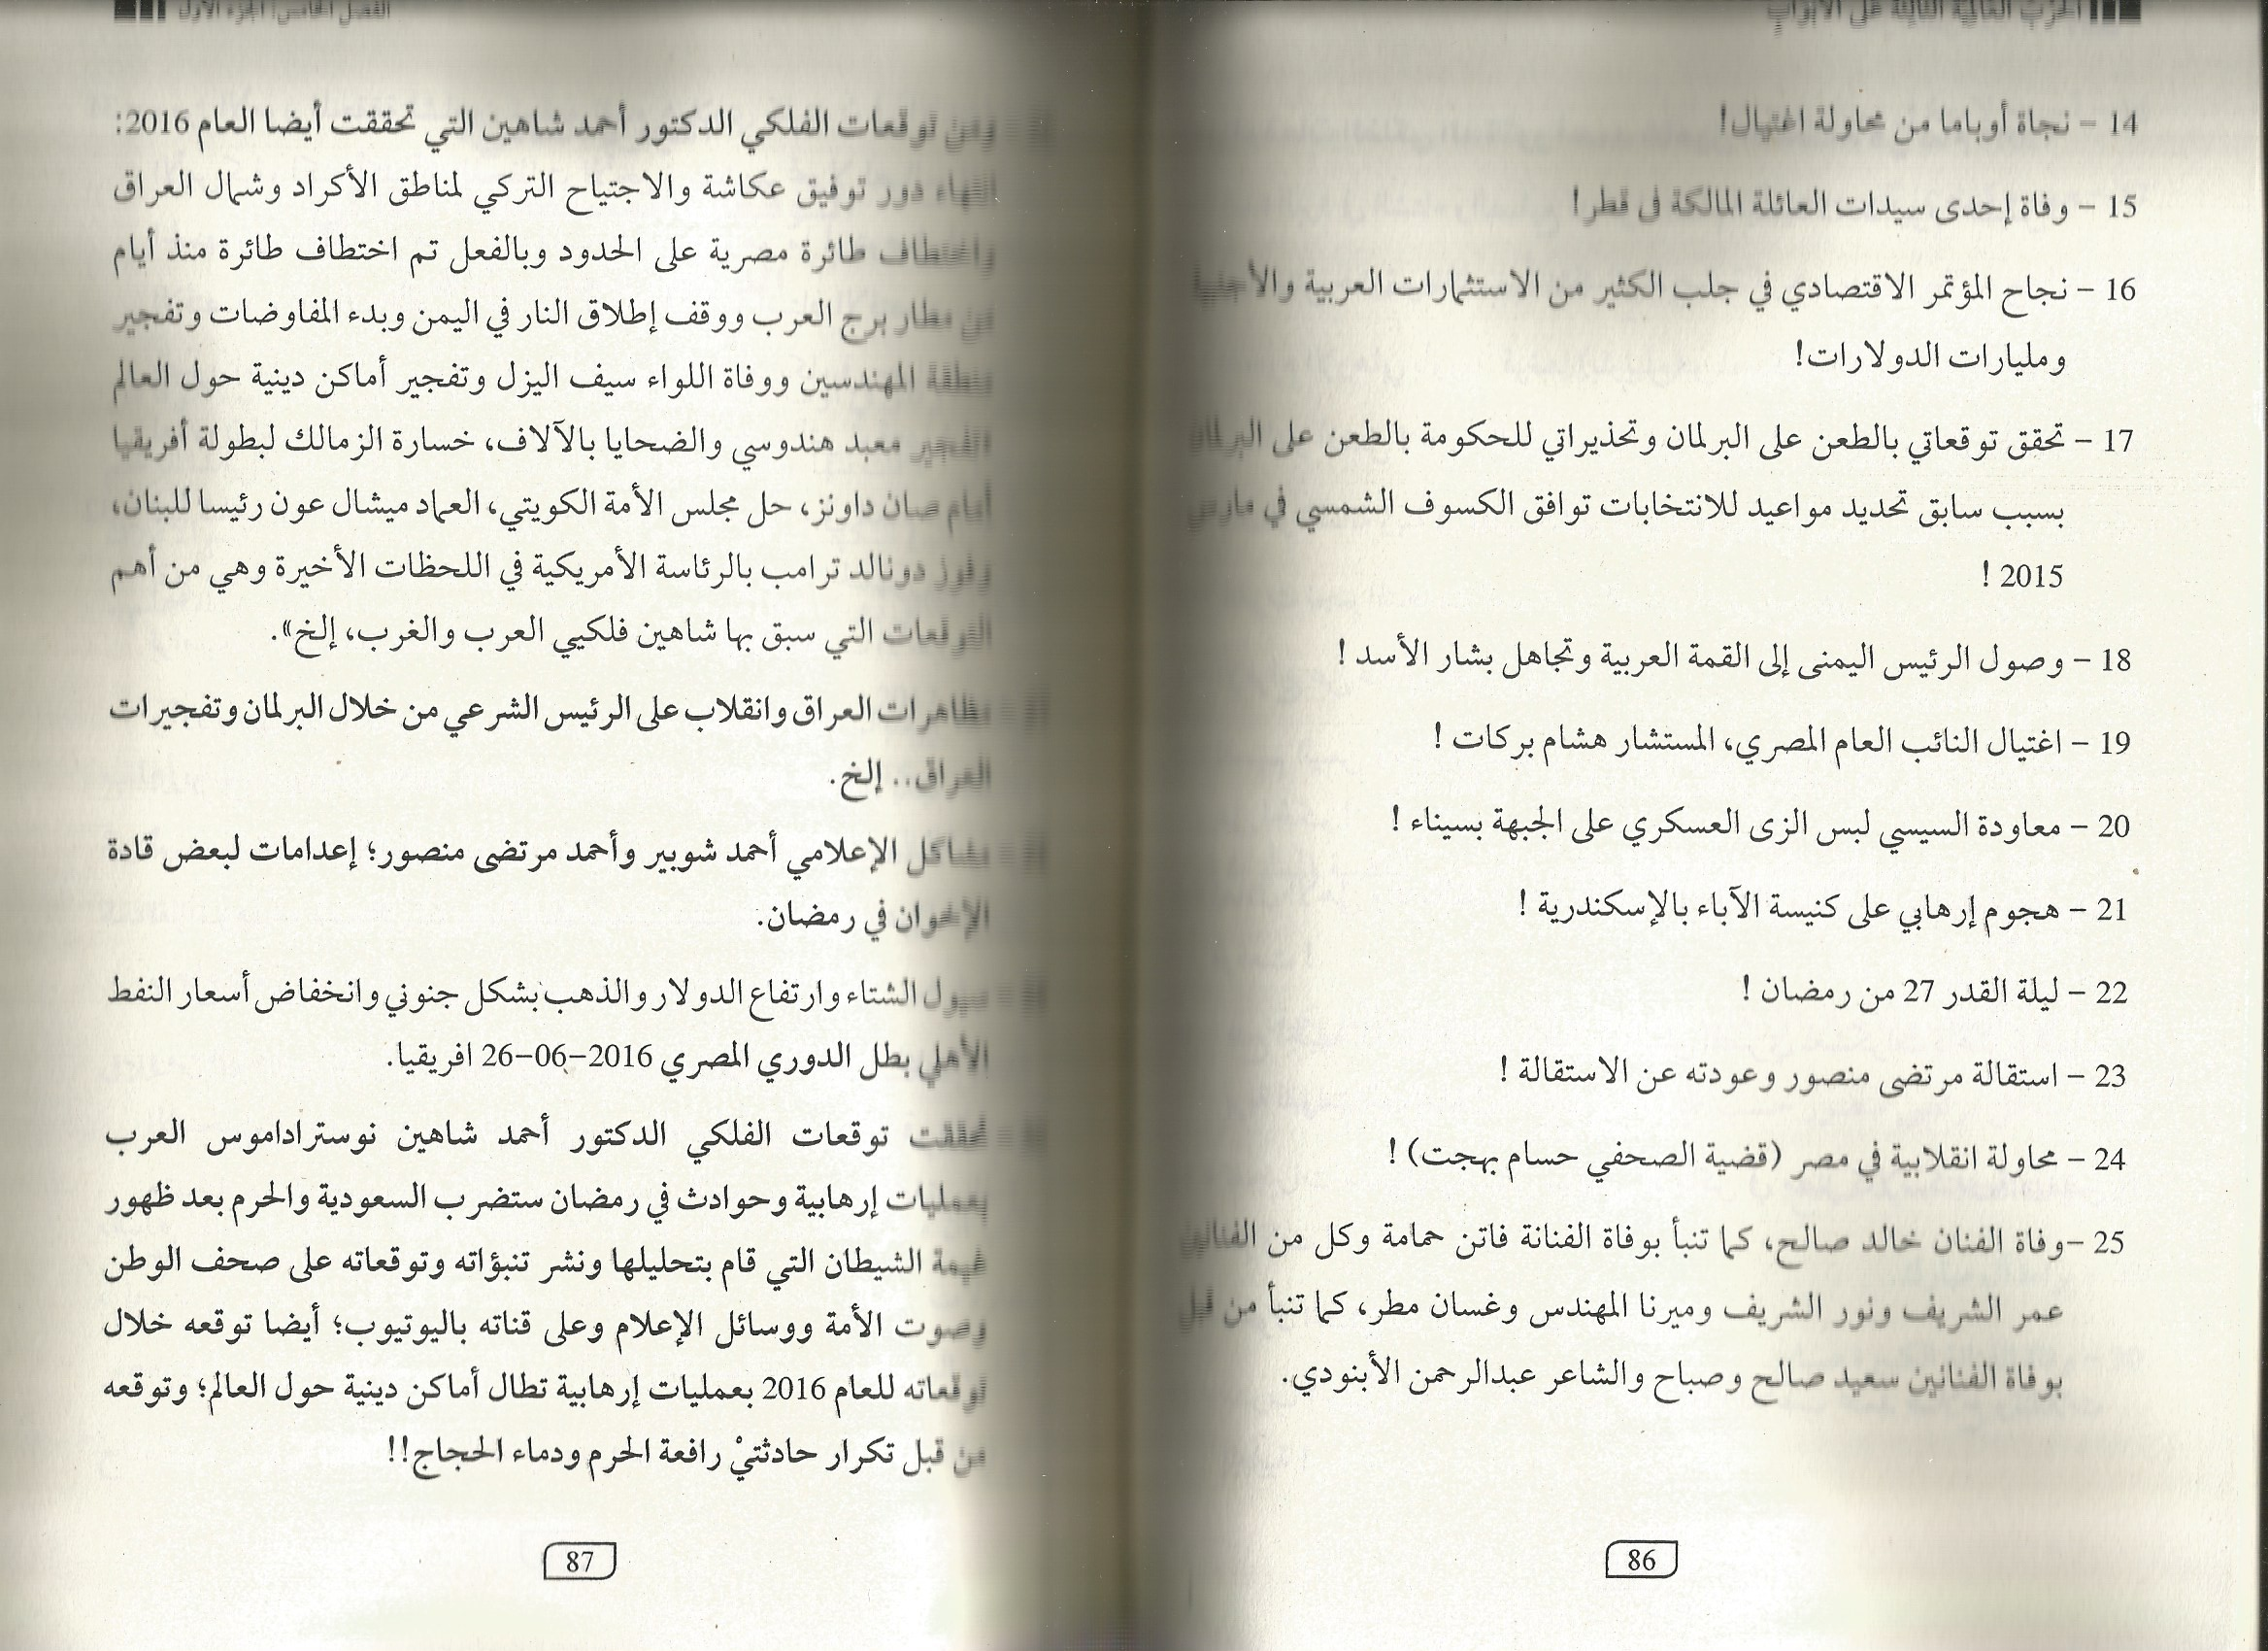 تحميل وقراءة كتاب حرب أكتوبر طريق السلام تأليف طه المجدوب pdf مجانا